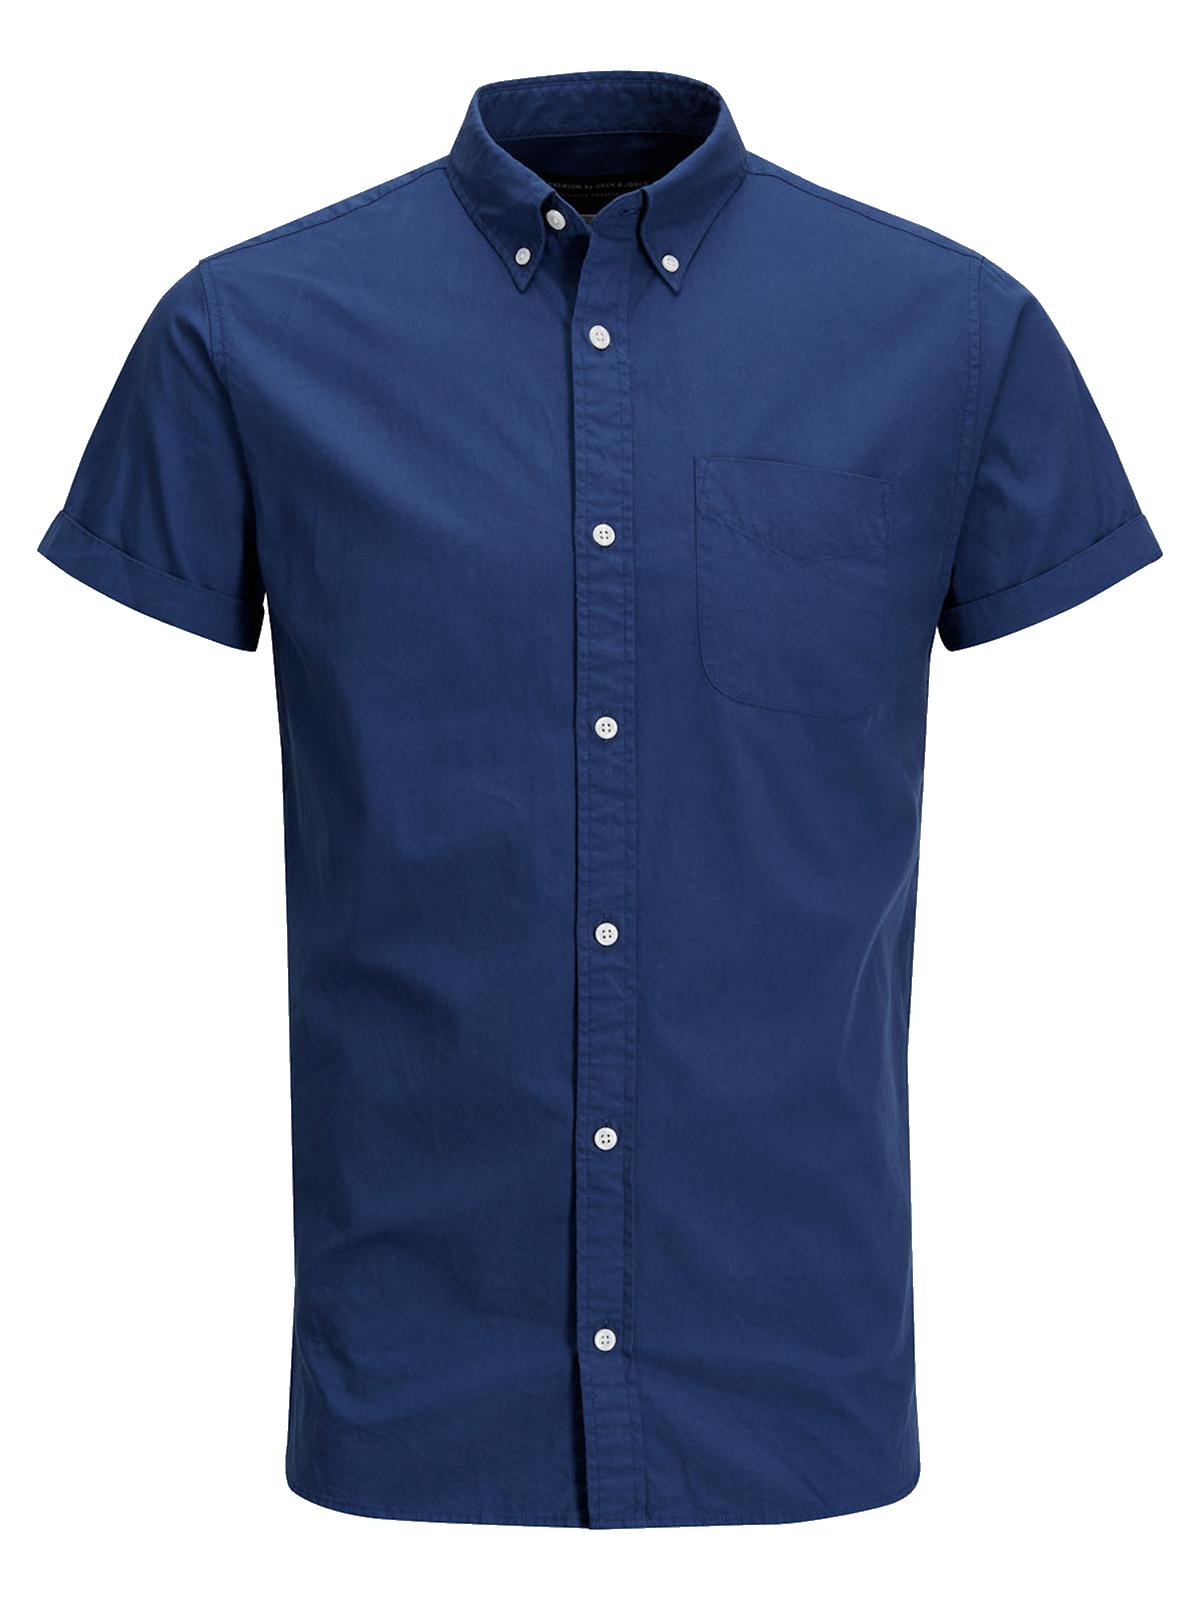 Jack   Jones Herren kurzarm Hemd jprKevin Shirt 12116269 Herren Hemden ba3b73be92